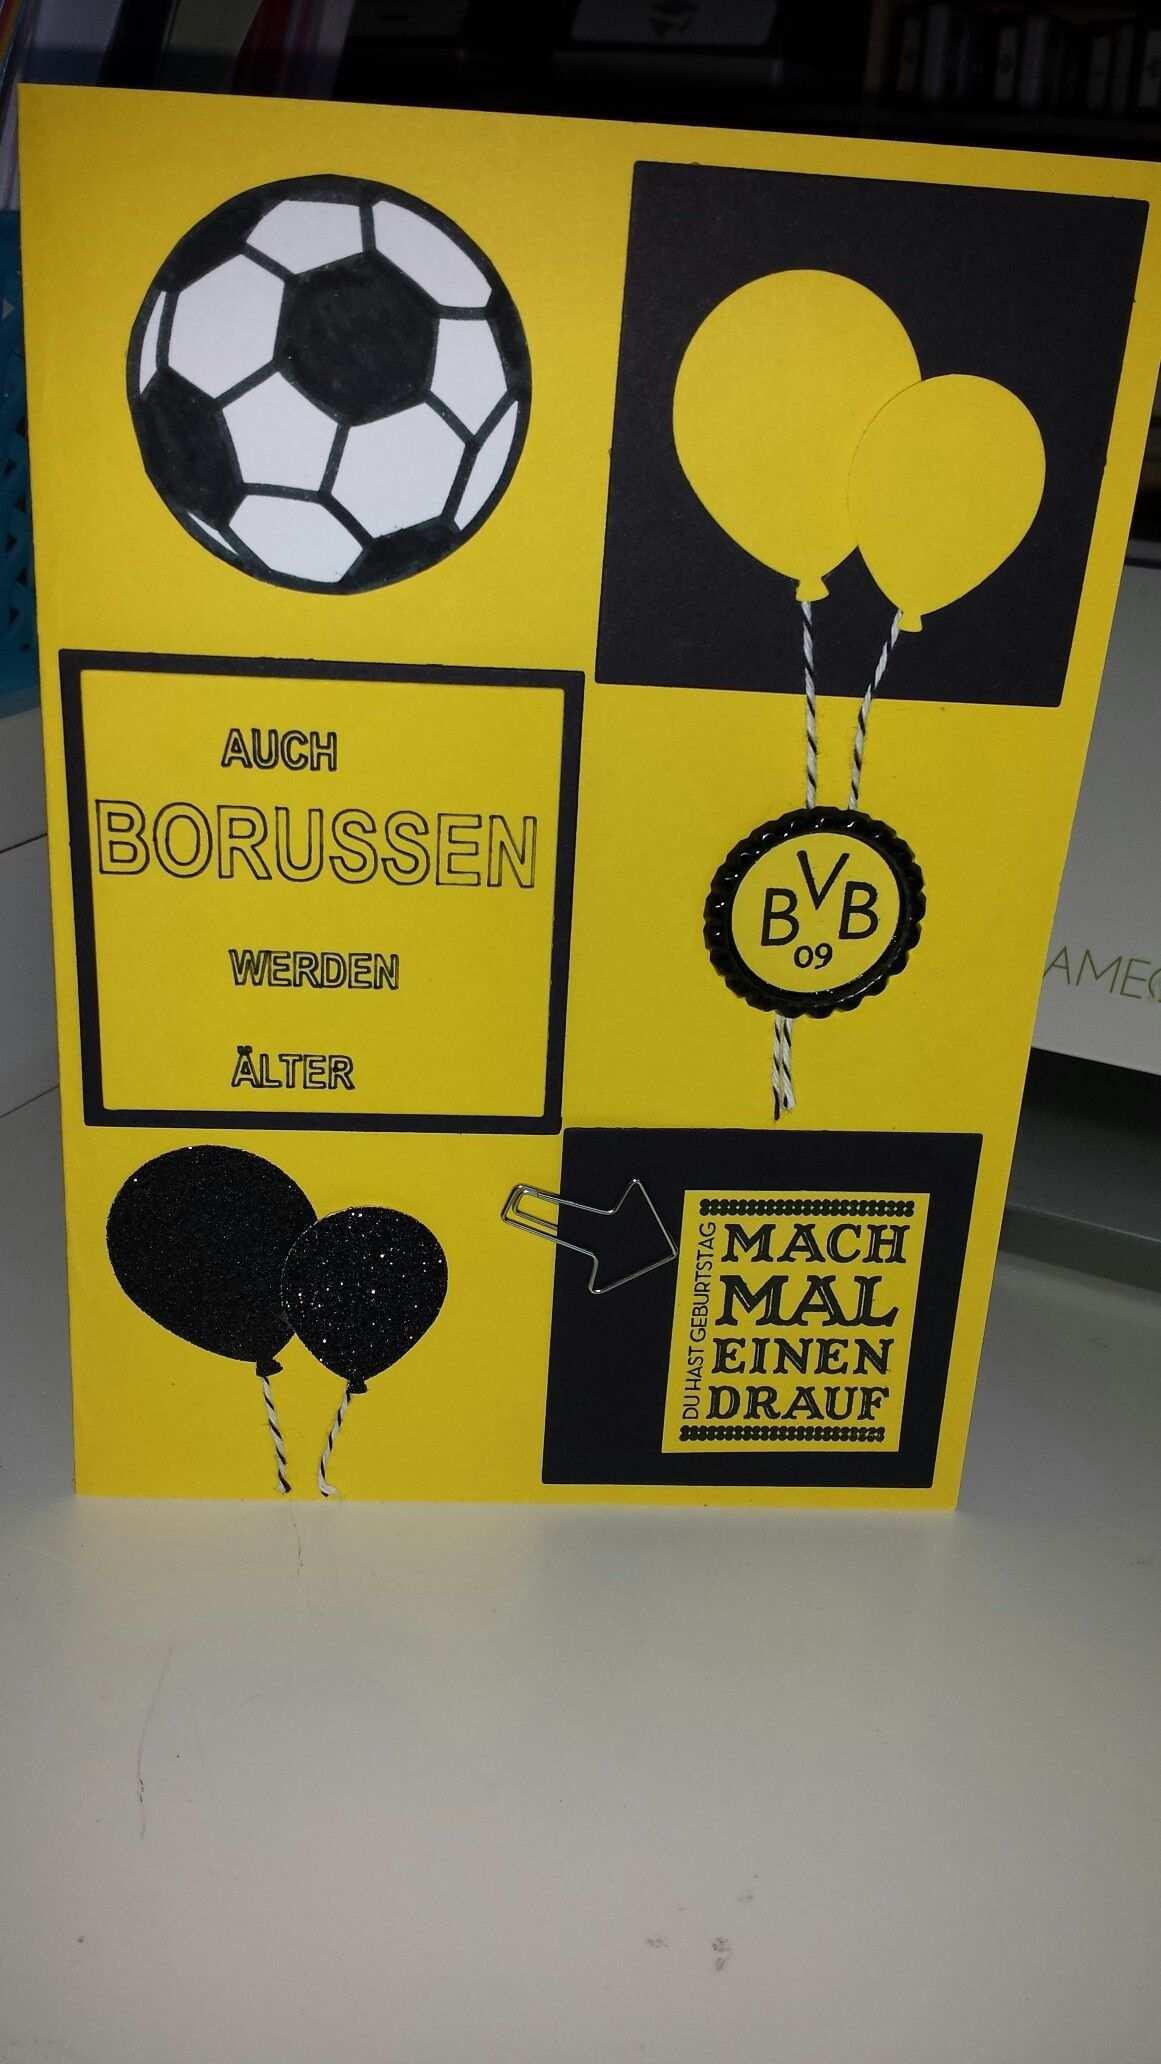 Fur Einen Bvb Fan Foto Umsetzung Meinst Bvb Geschenk Karten Basteln Bvb Karten